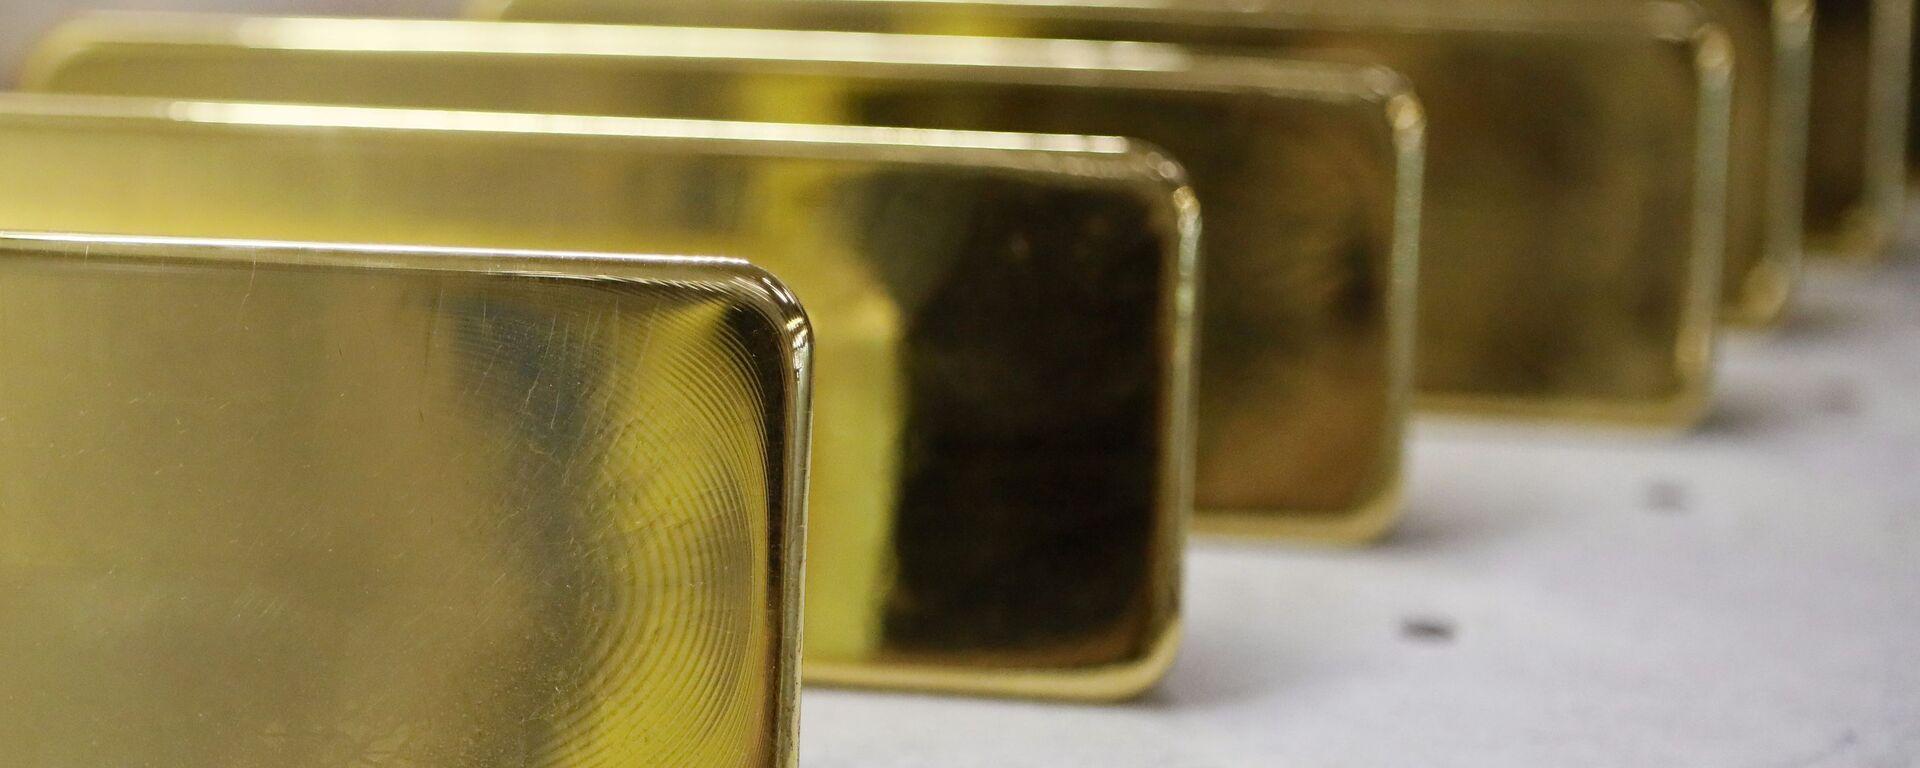 Lingotes de oro - Sputnik Mundo, 1920, 17.05.2021